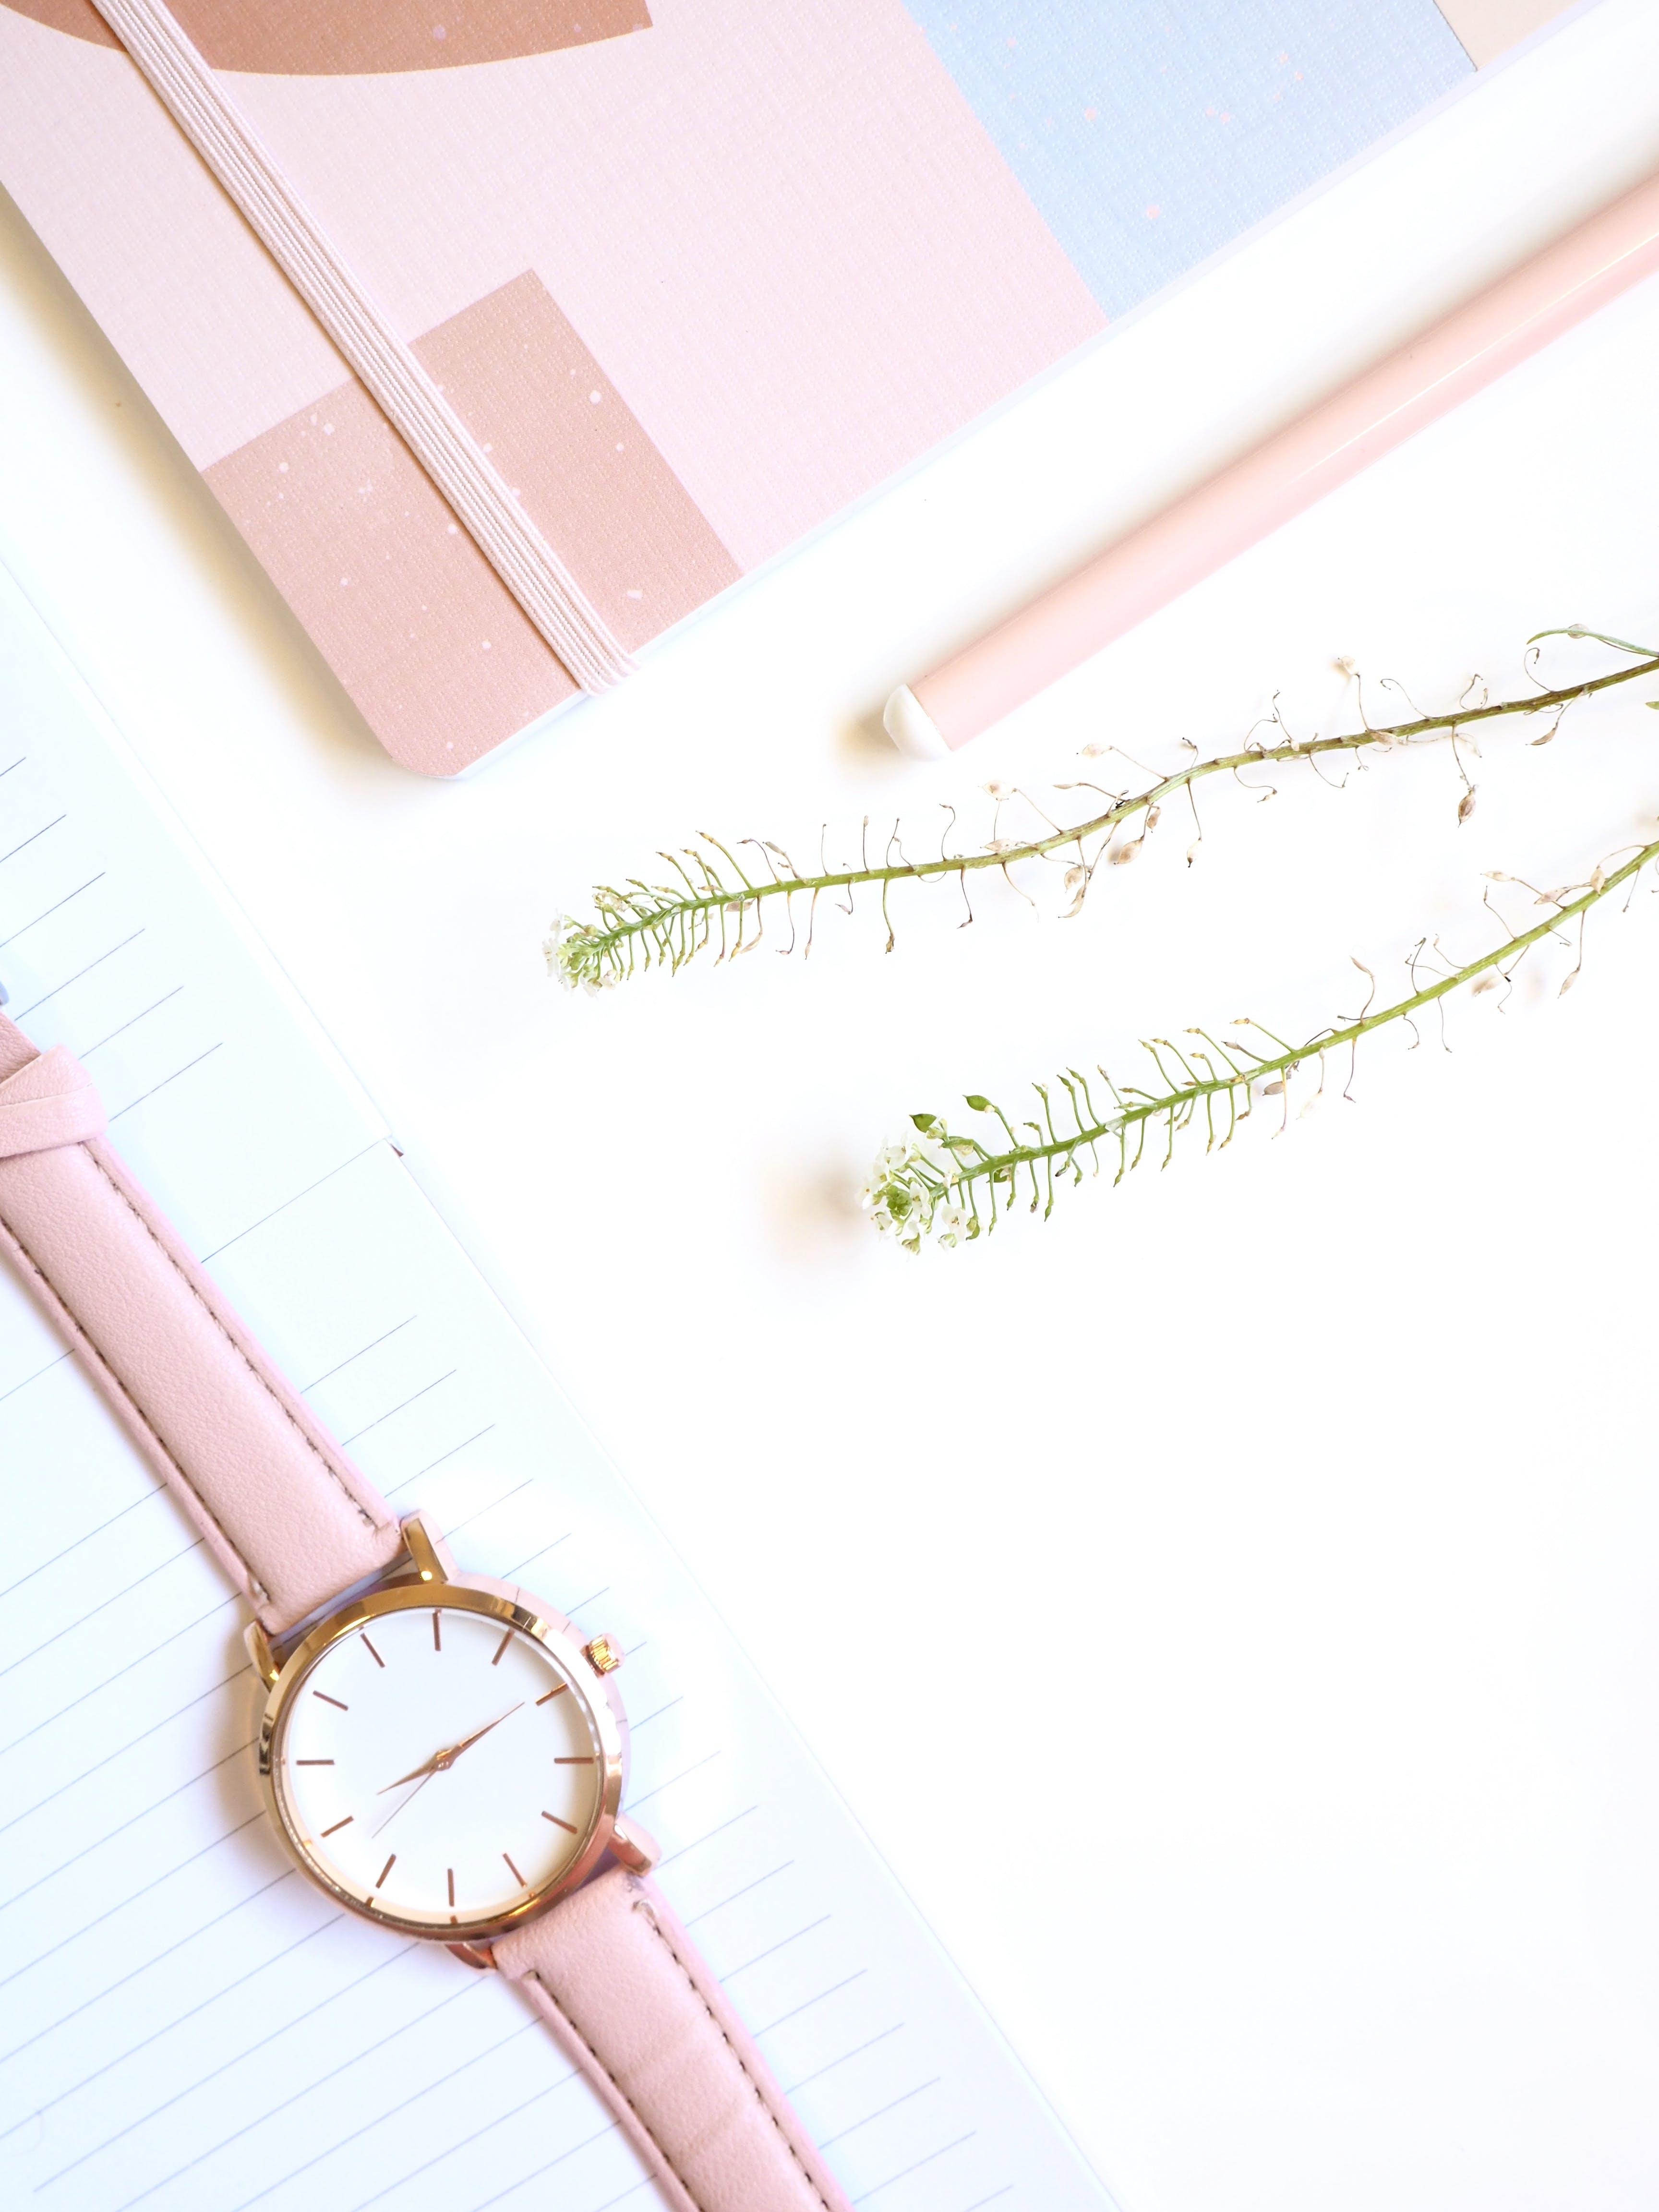 Kostenloses Stock Foto zu blumen, einfach, nahansicht, pink